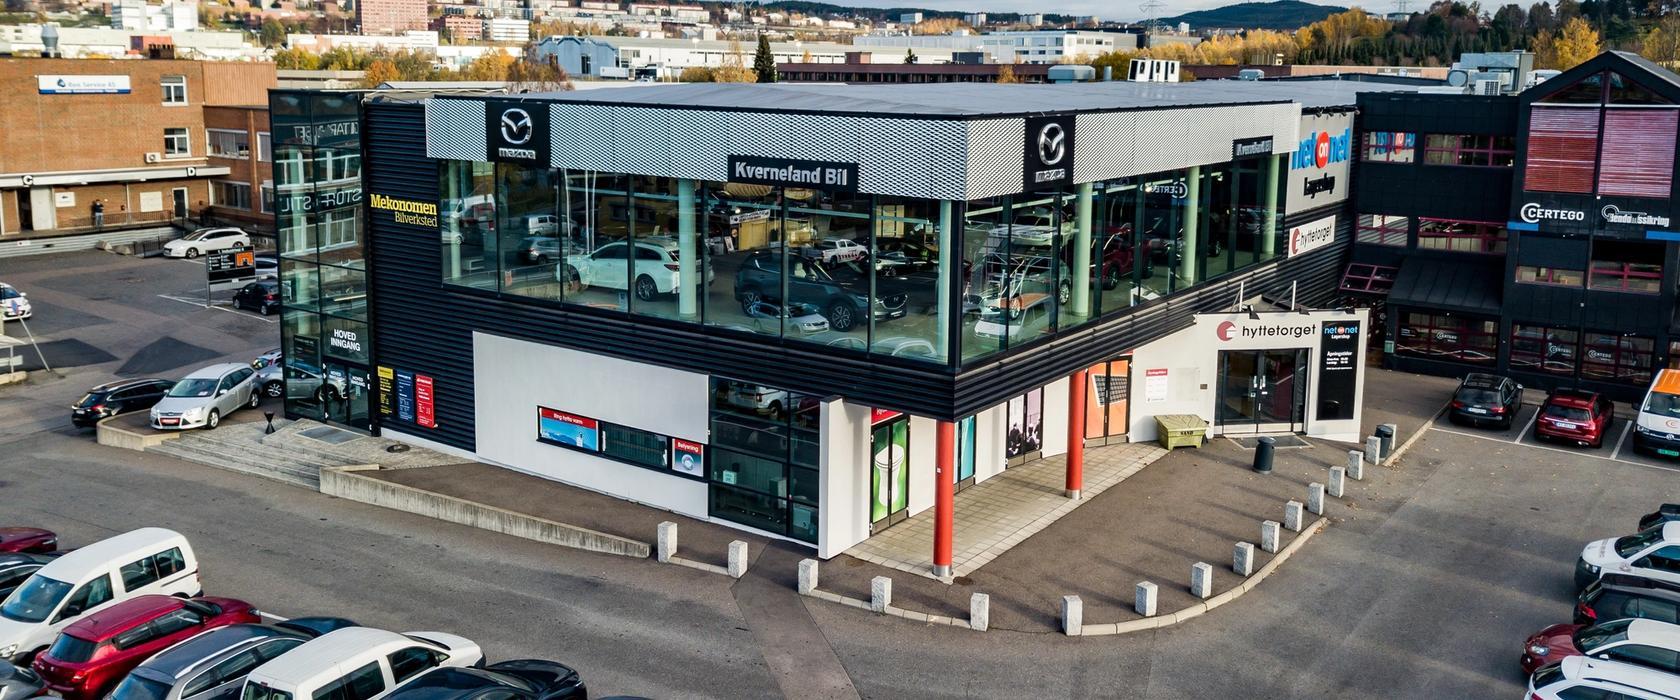 Bilde av butikken